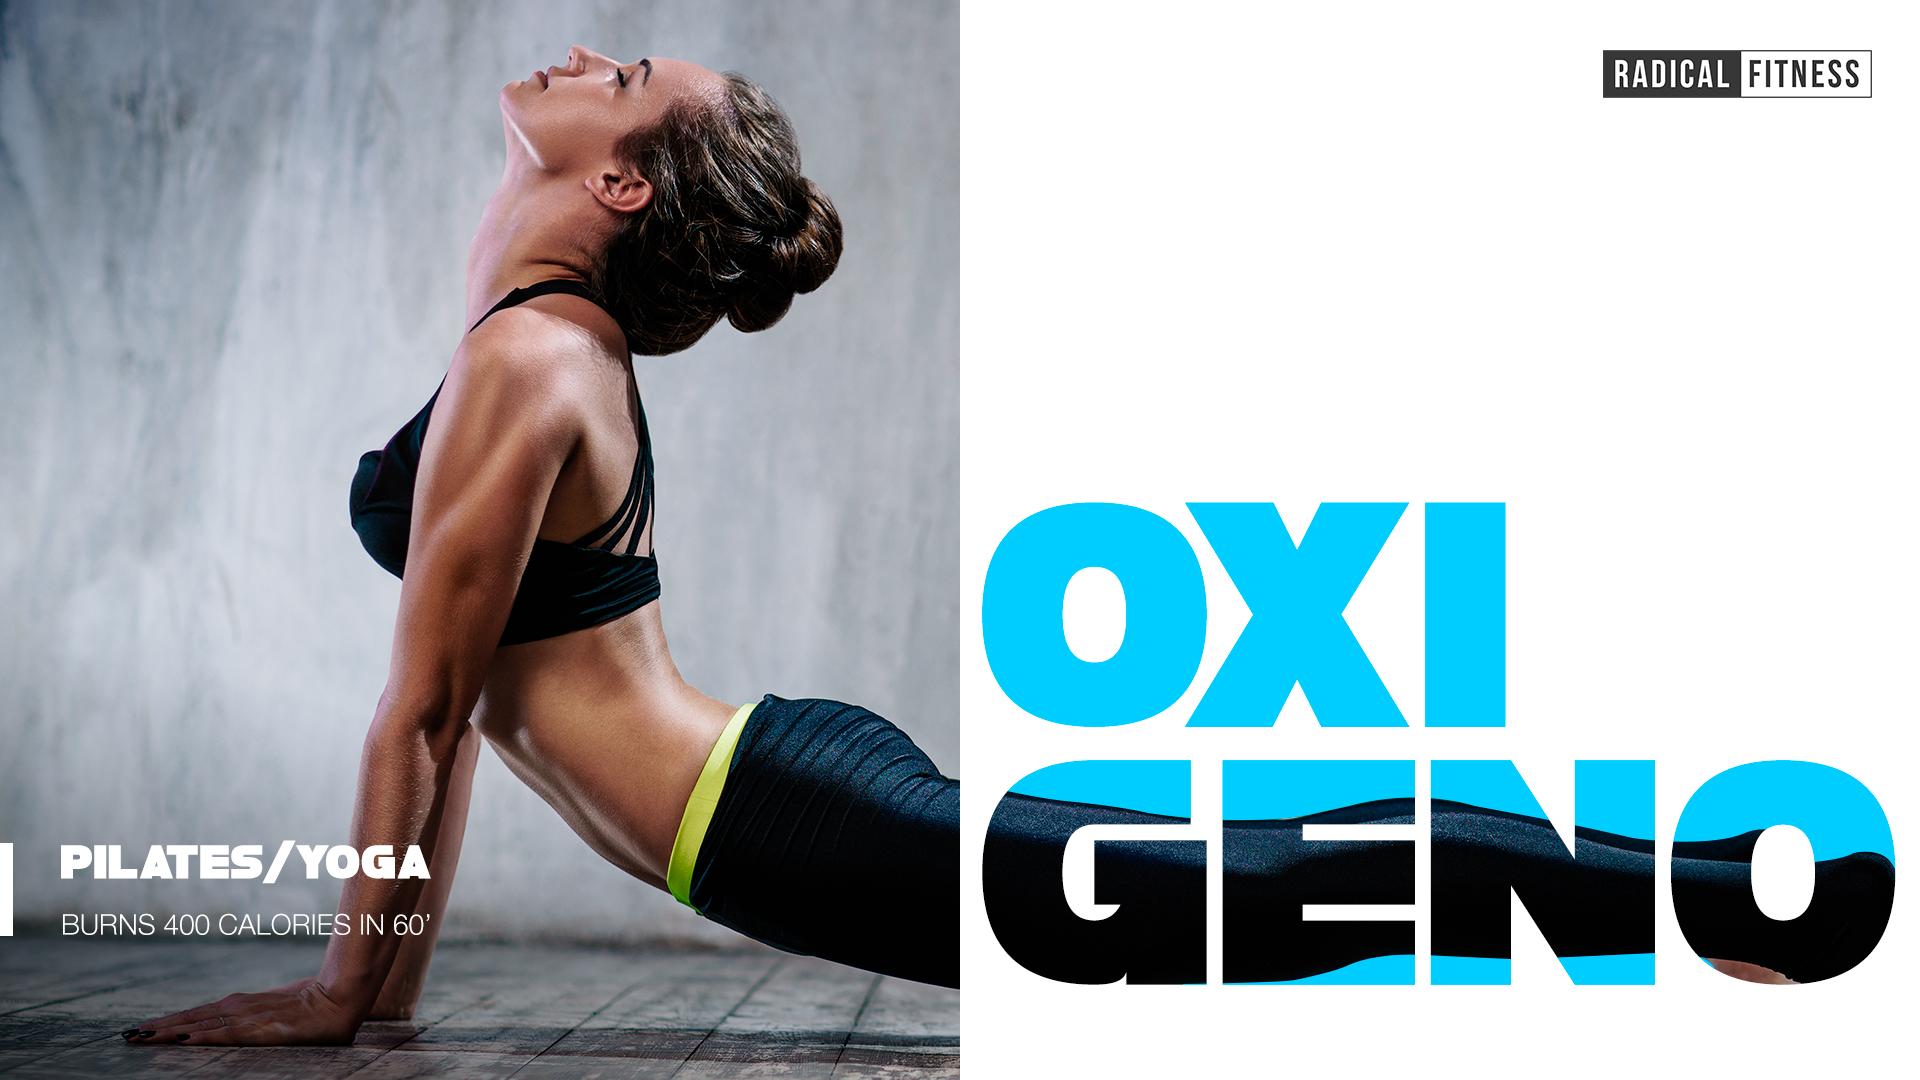 オキシジェノ OXIGENO 優雅に、そして機能的に!